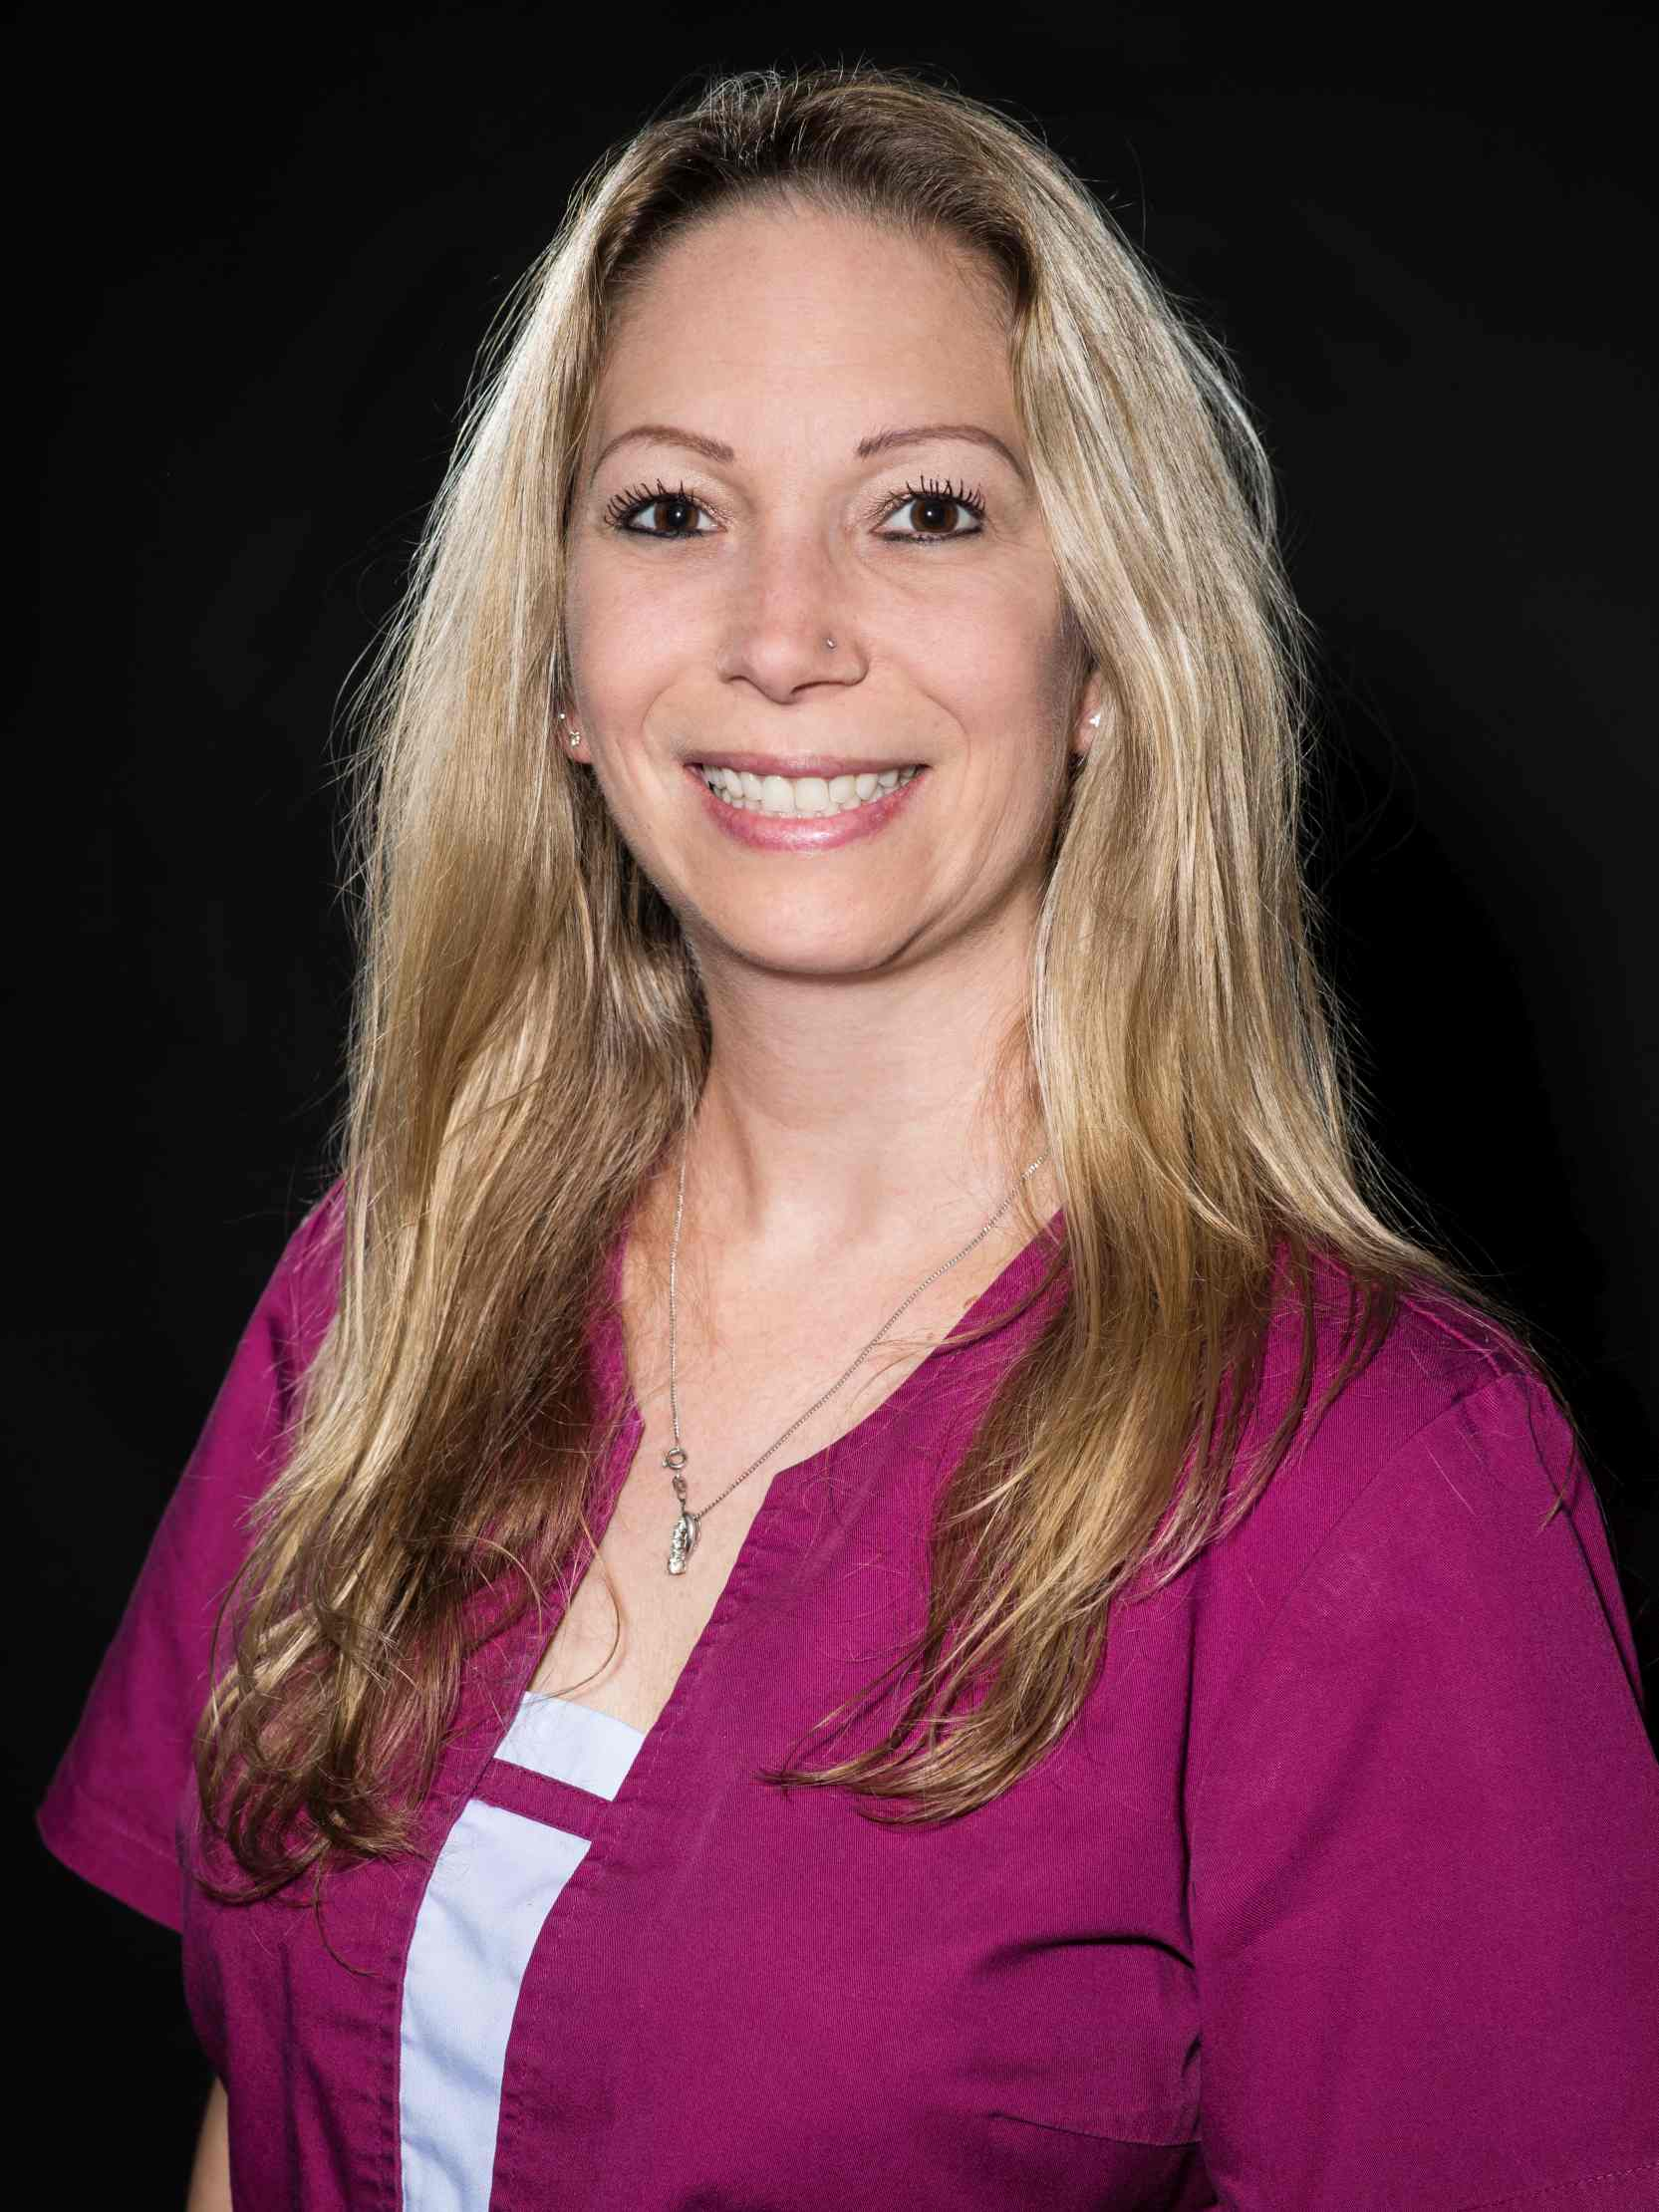 Andrea Riedleder